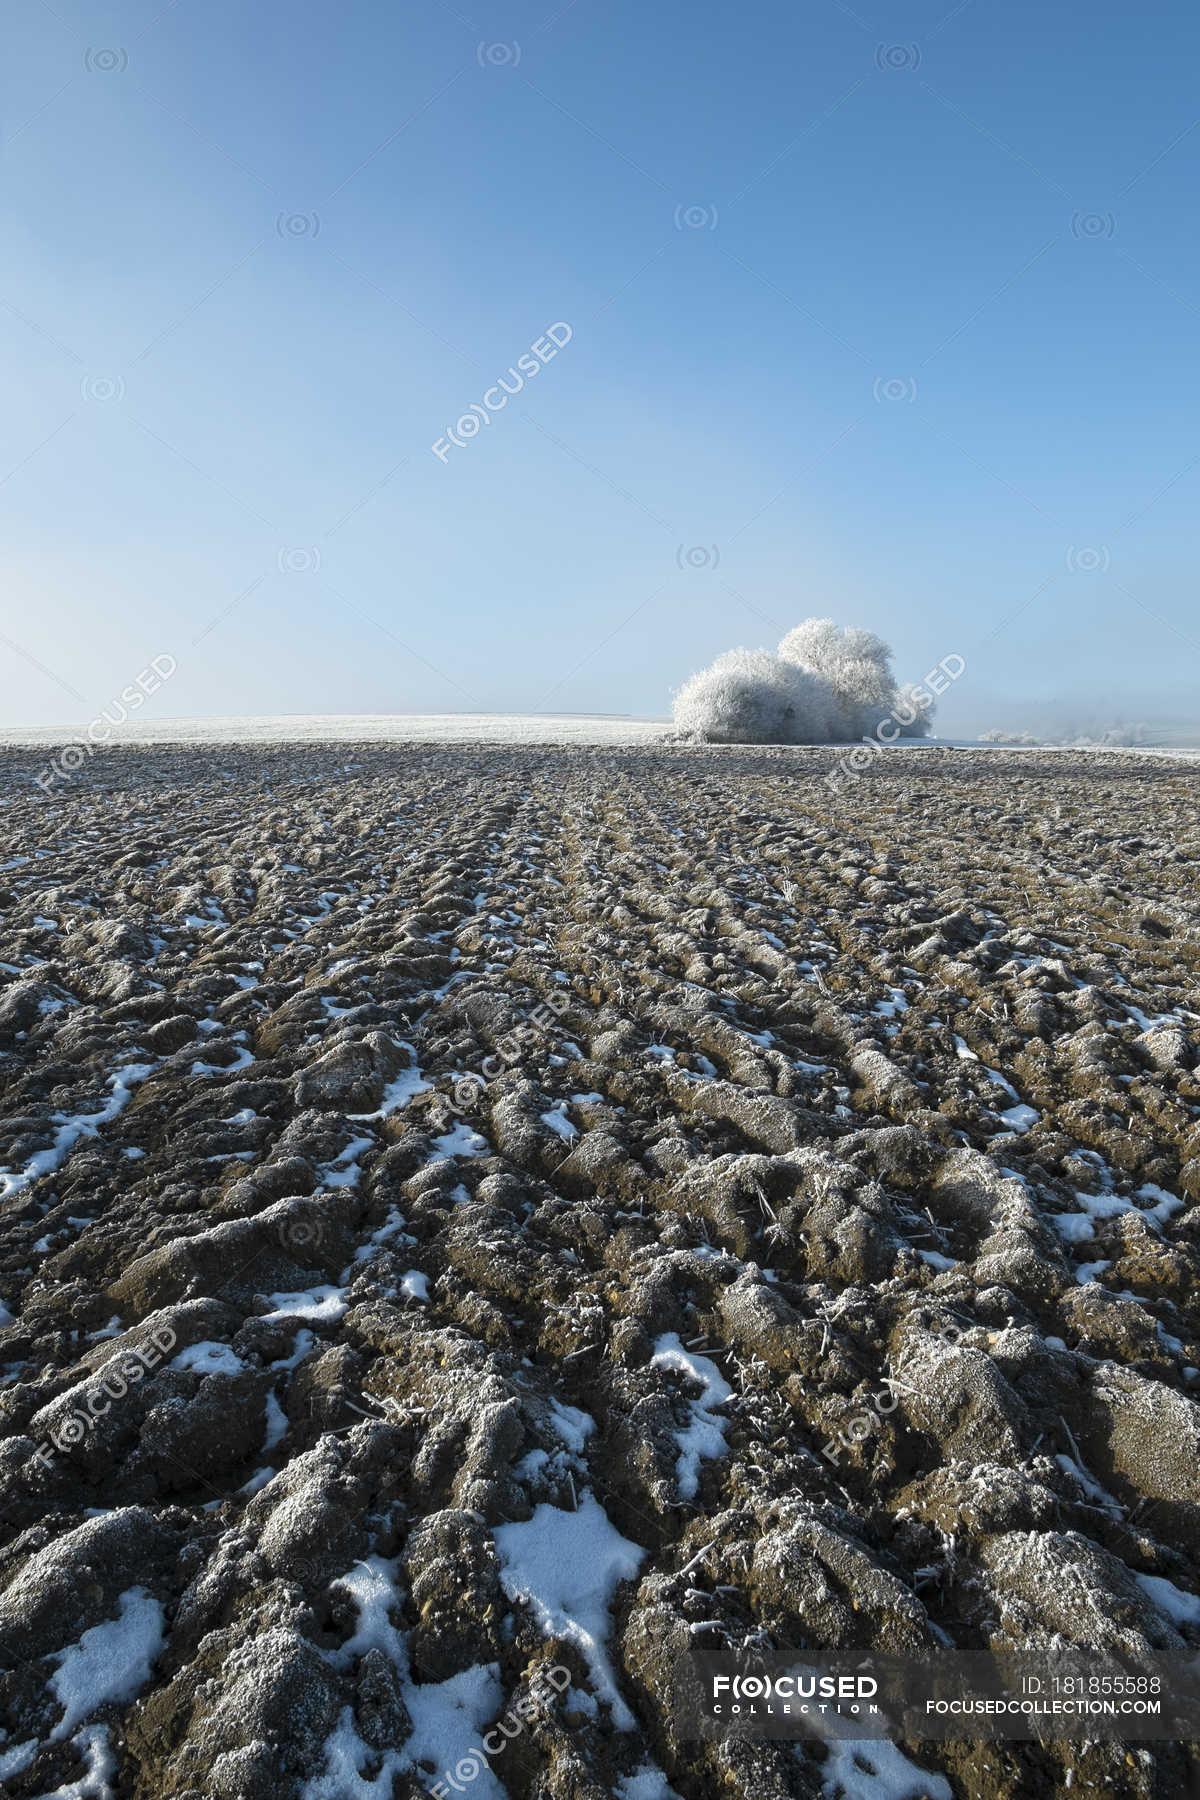 Germany, Baden-Wuerttemberg, Tuttlingen, frozen soil during